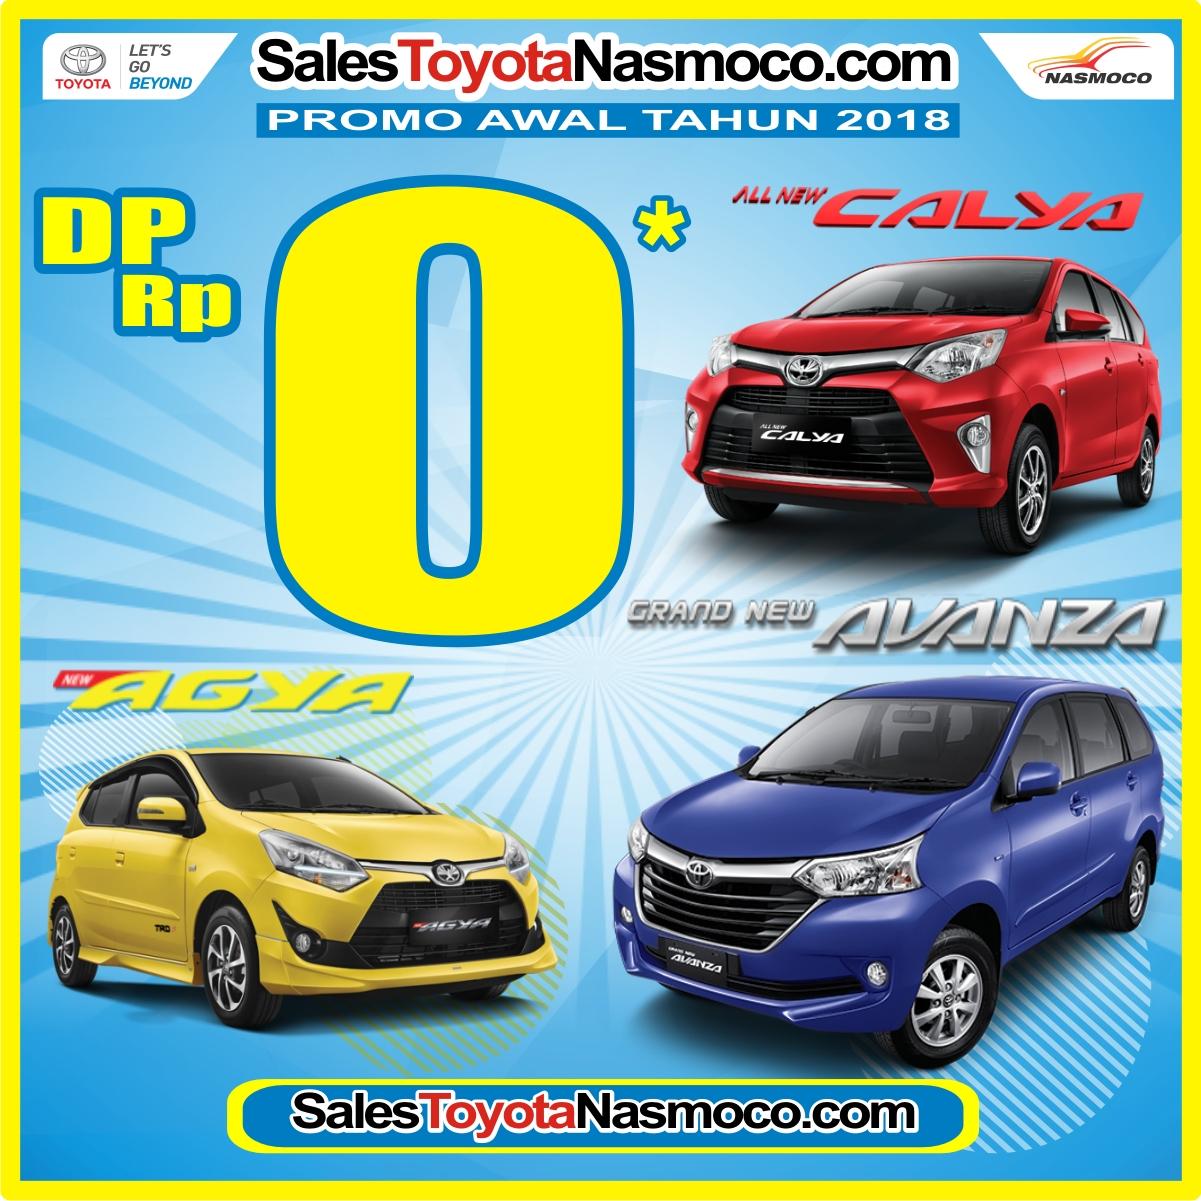 Grand New Avanza Olx Jateng Yaris Cvt Trd Promo Kredit Tanpa Dp Khusus Toyota Calya Agya Dan